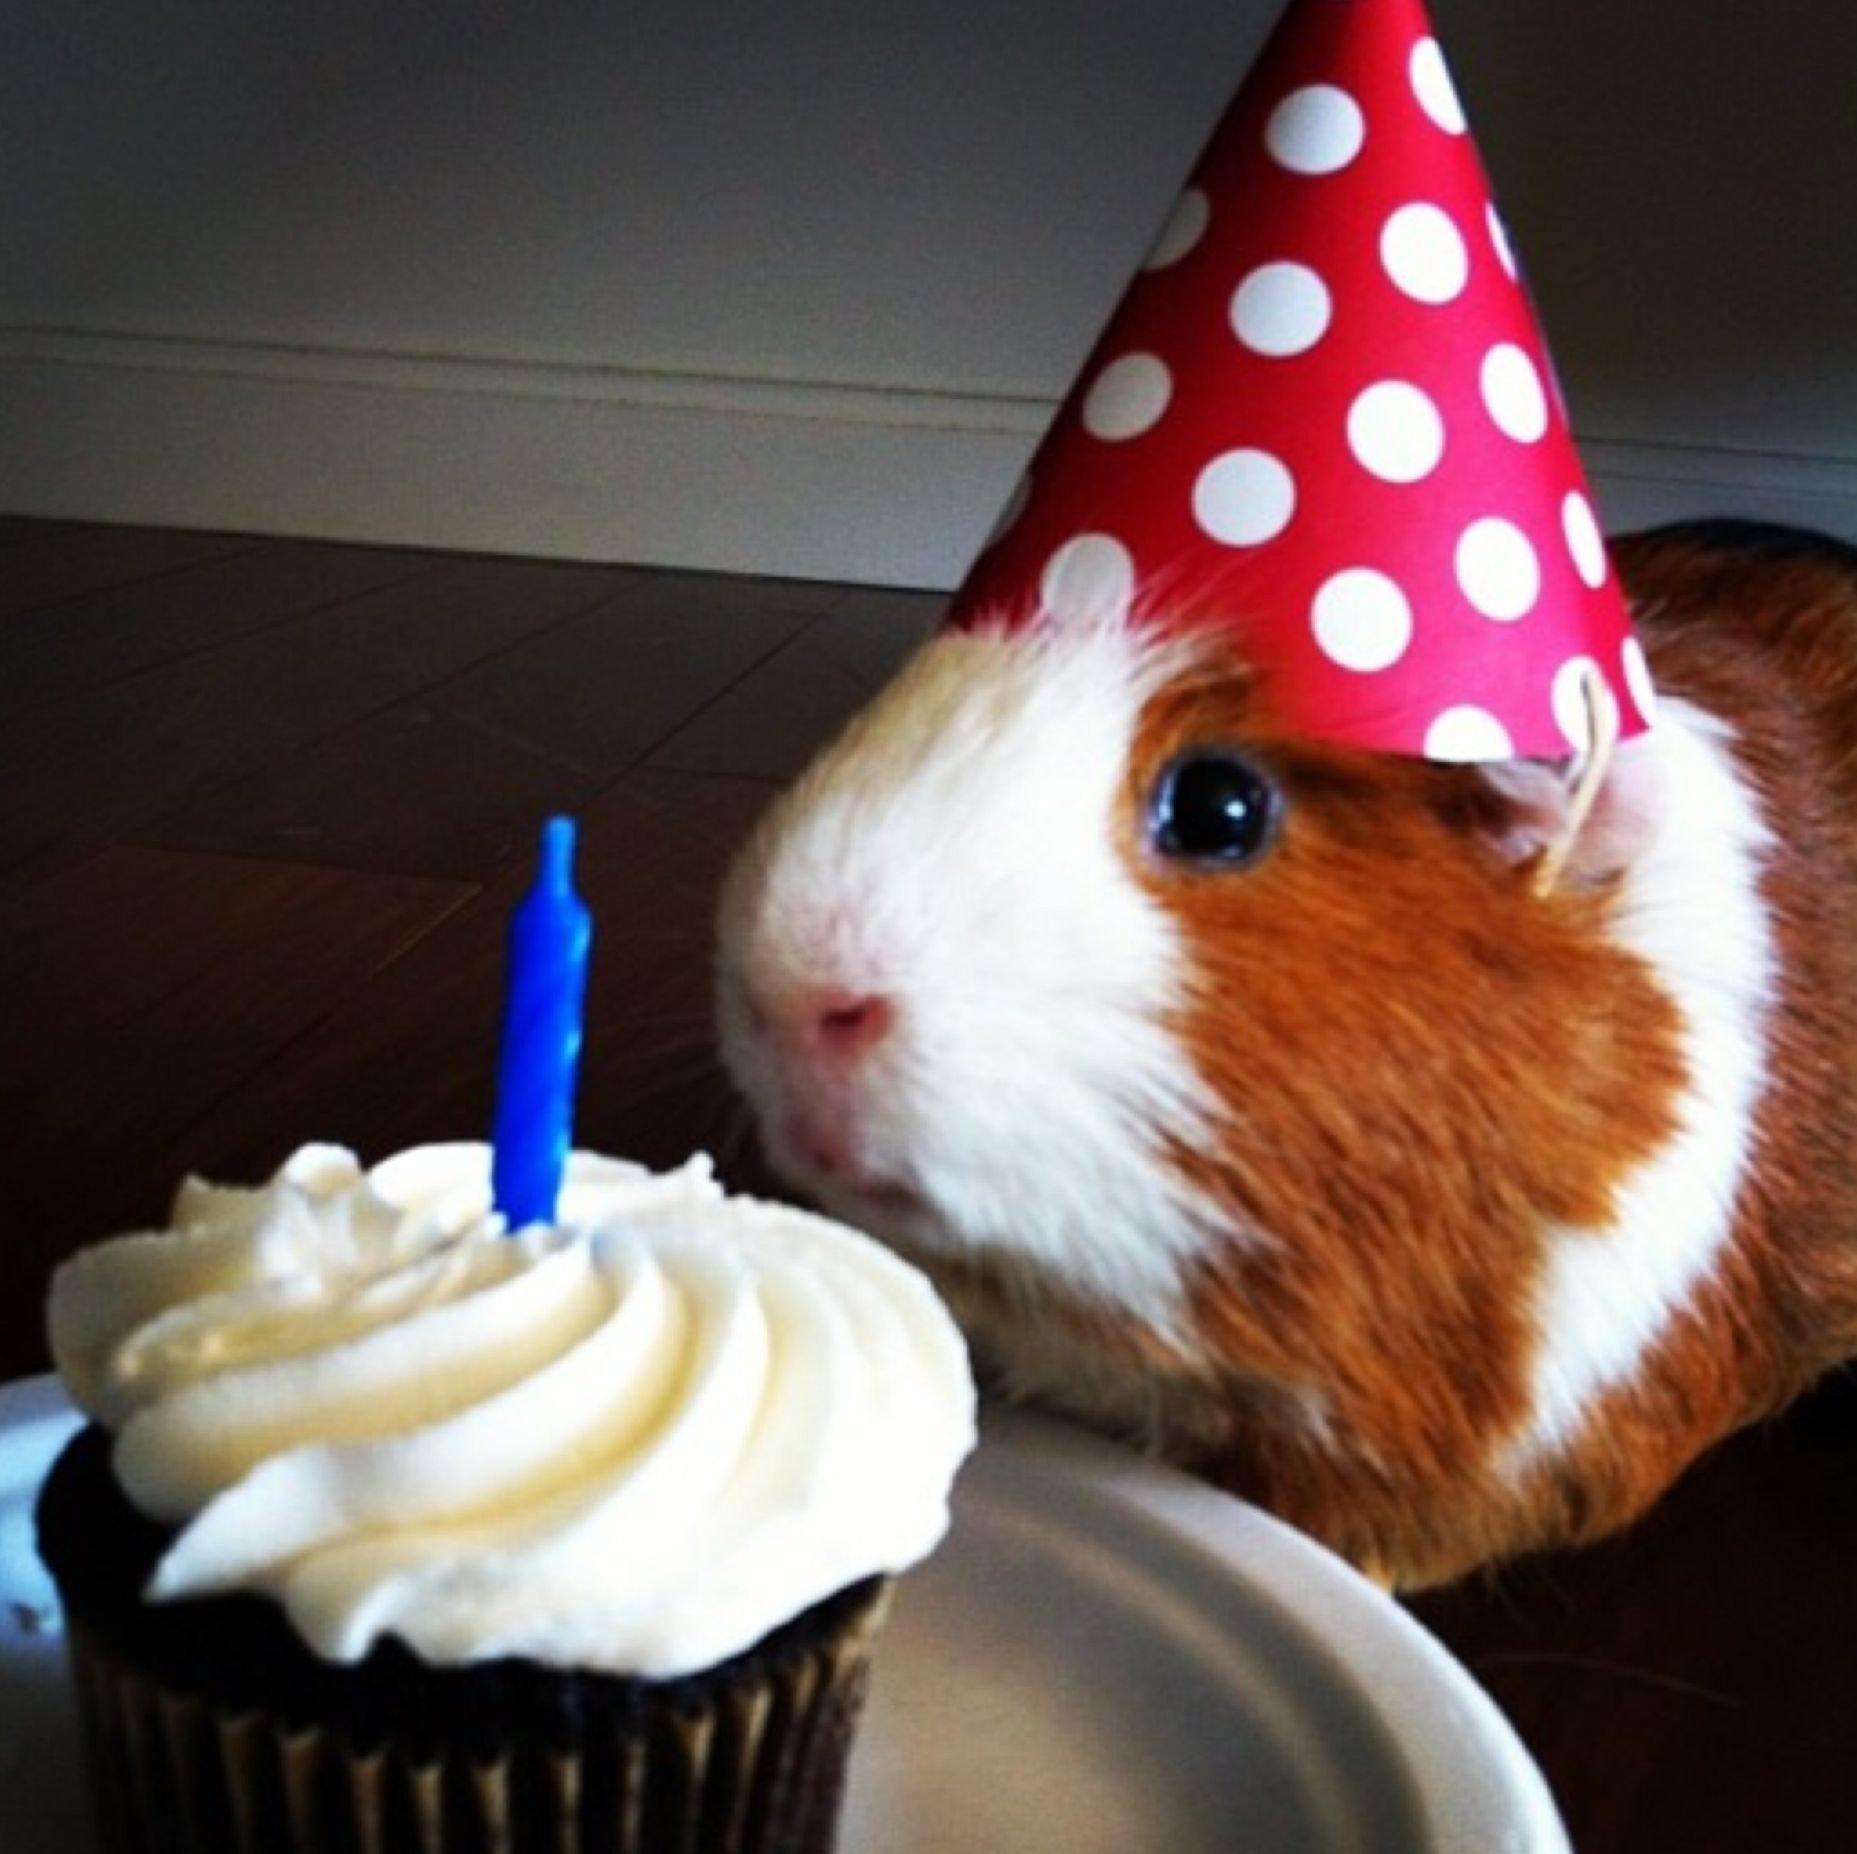 С днем рождения картинки прикольные с животными, краснодара